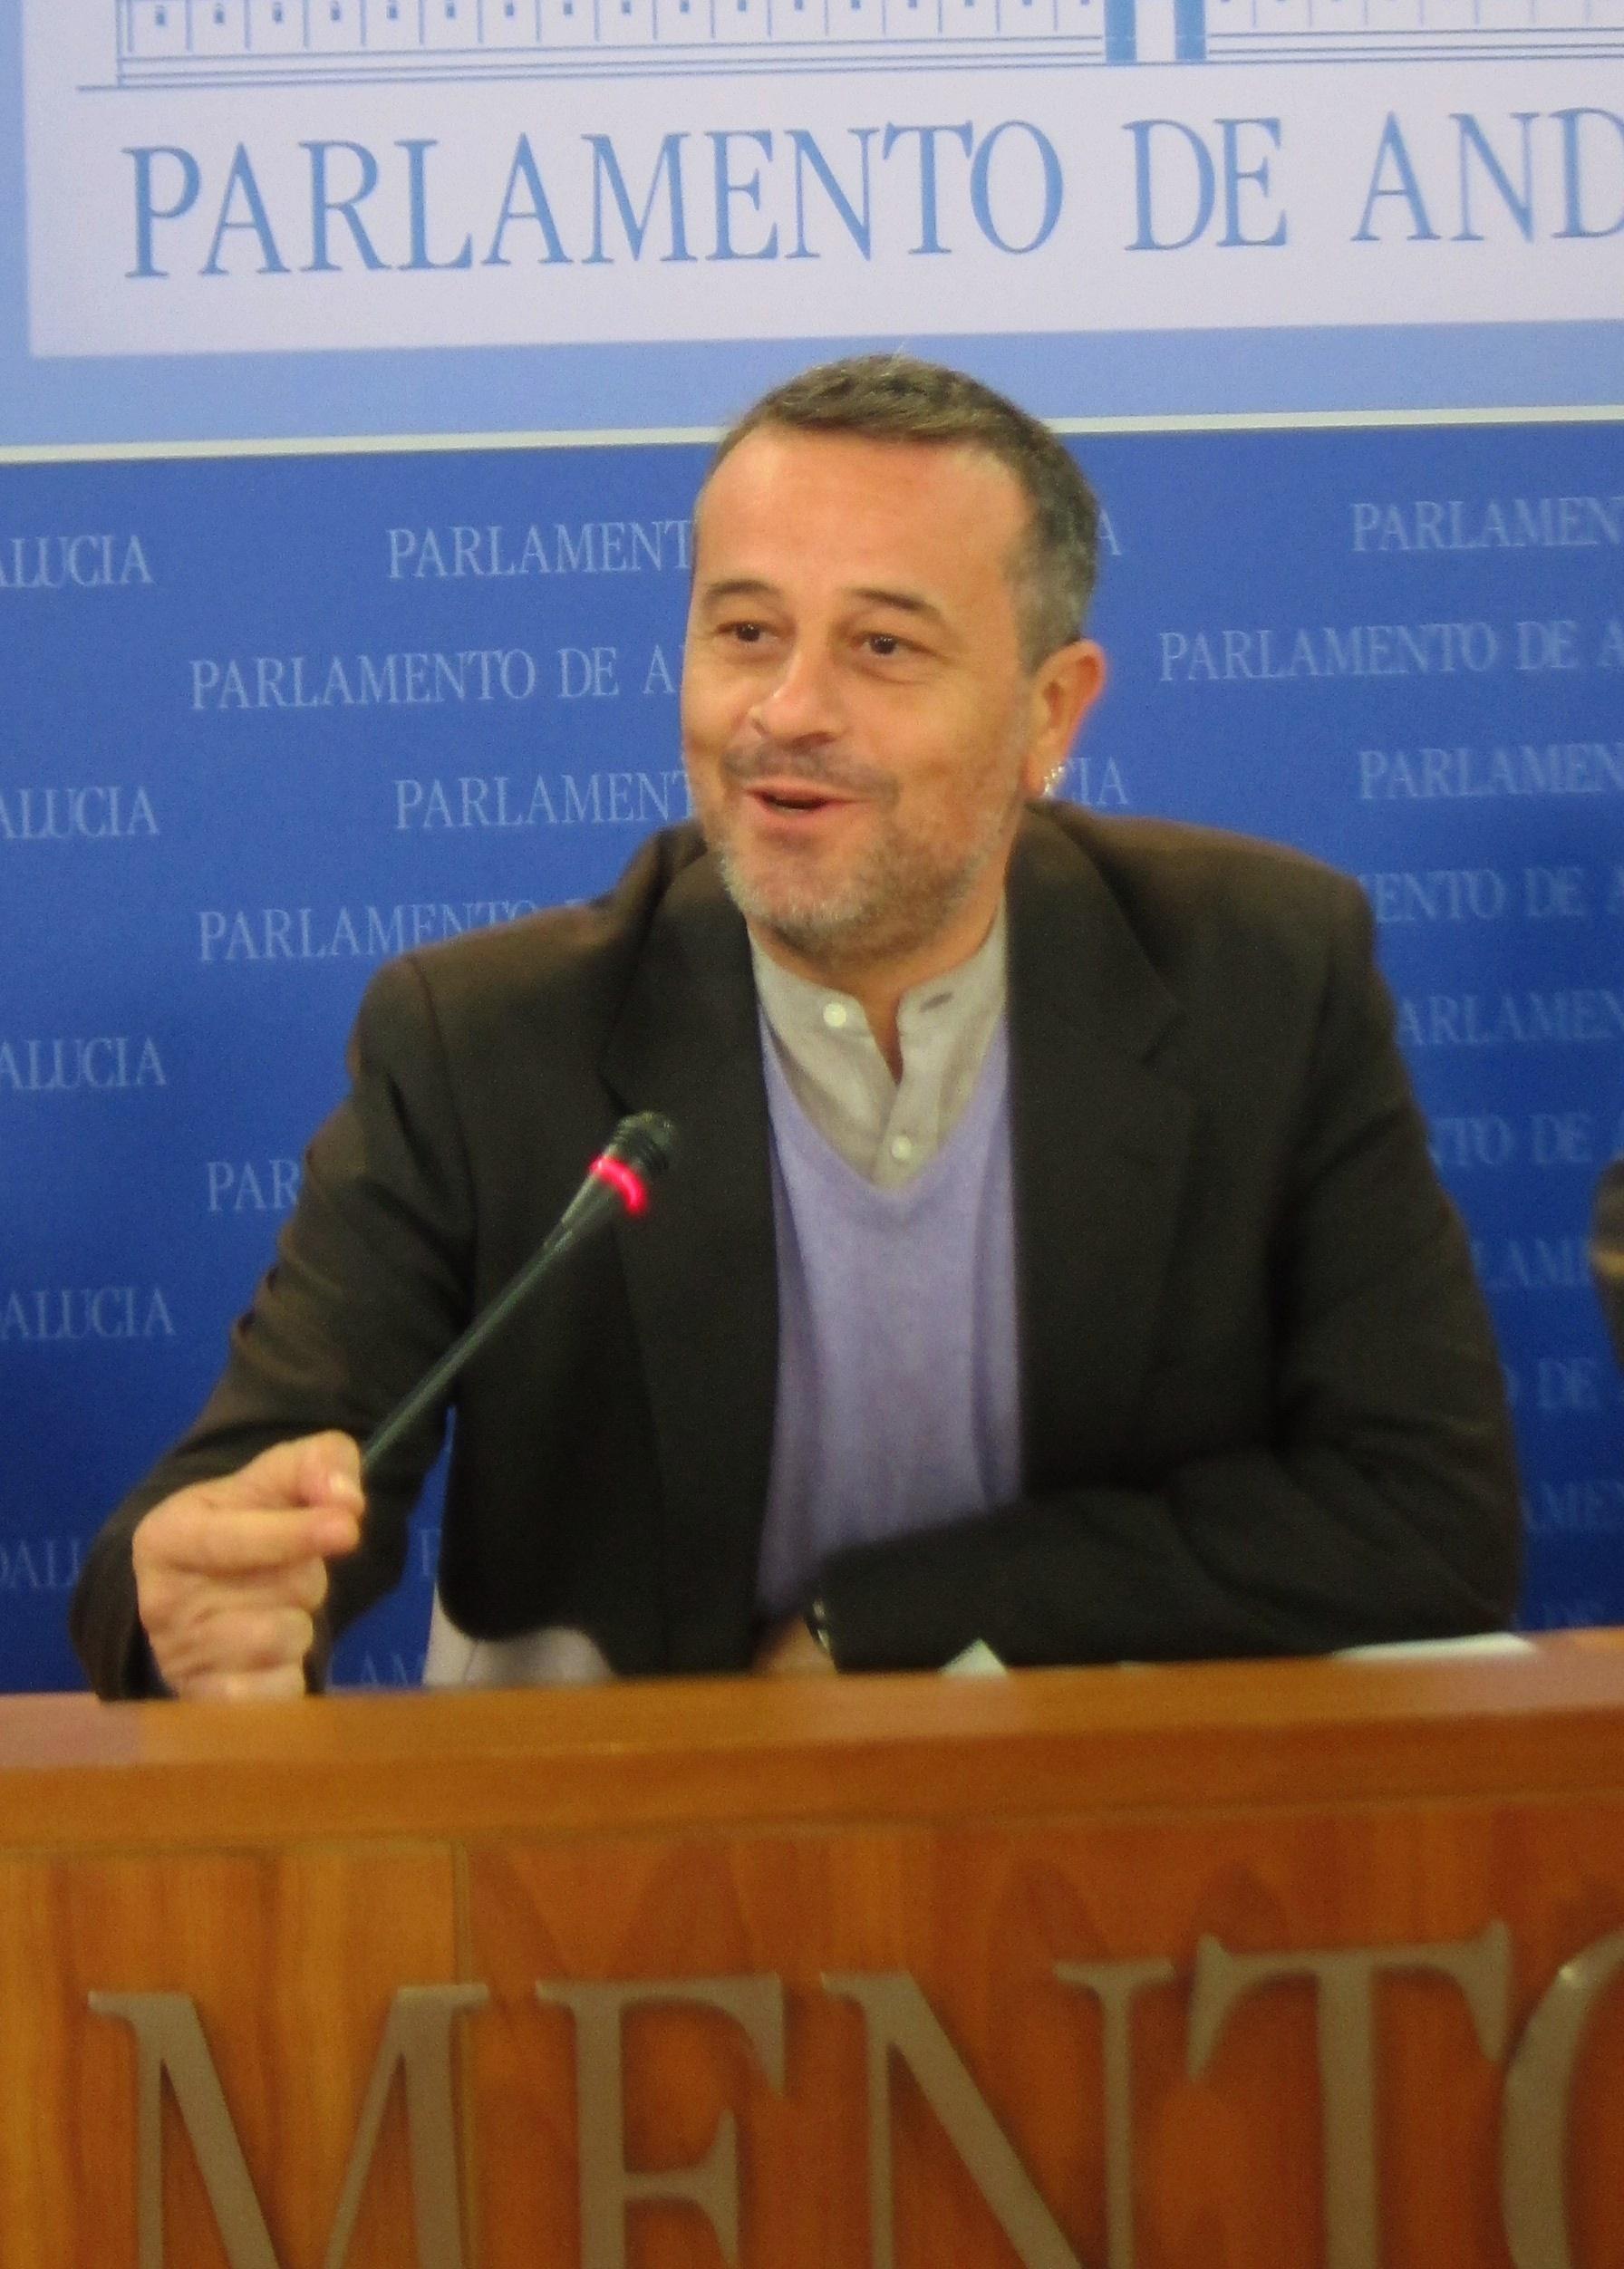 IULV-CA reclama al PSOE-A «mayor coordinación» entre el ámbito parlamentario y ejecutivo sobre medidas «acordadas»